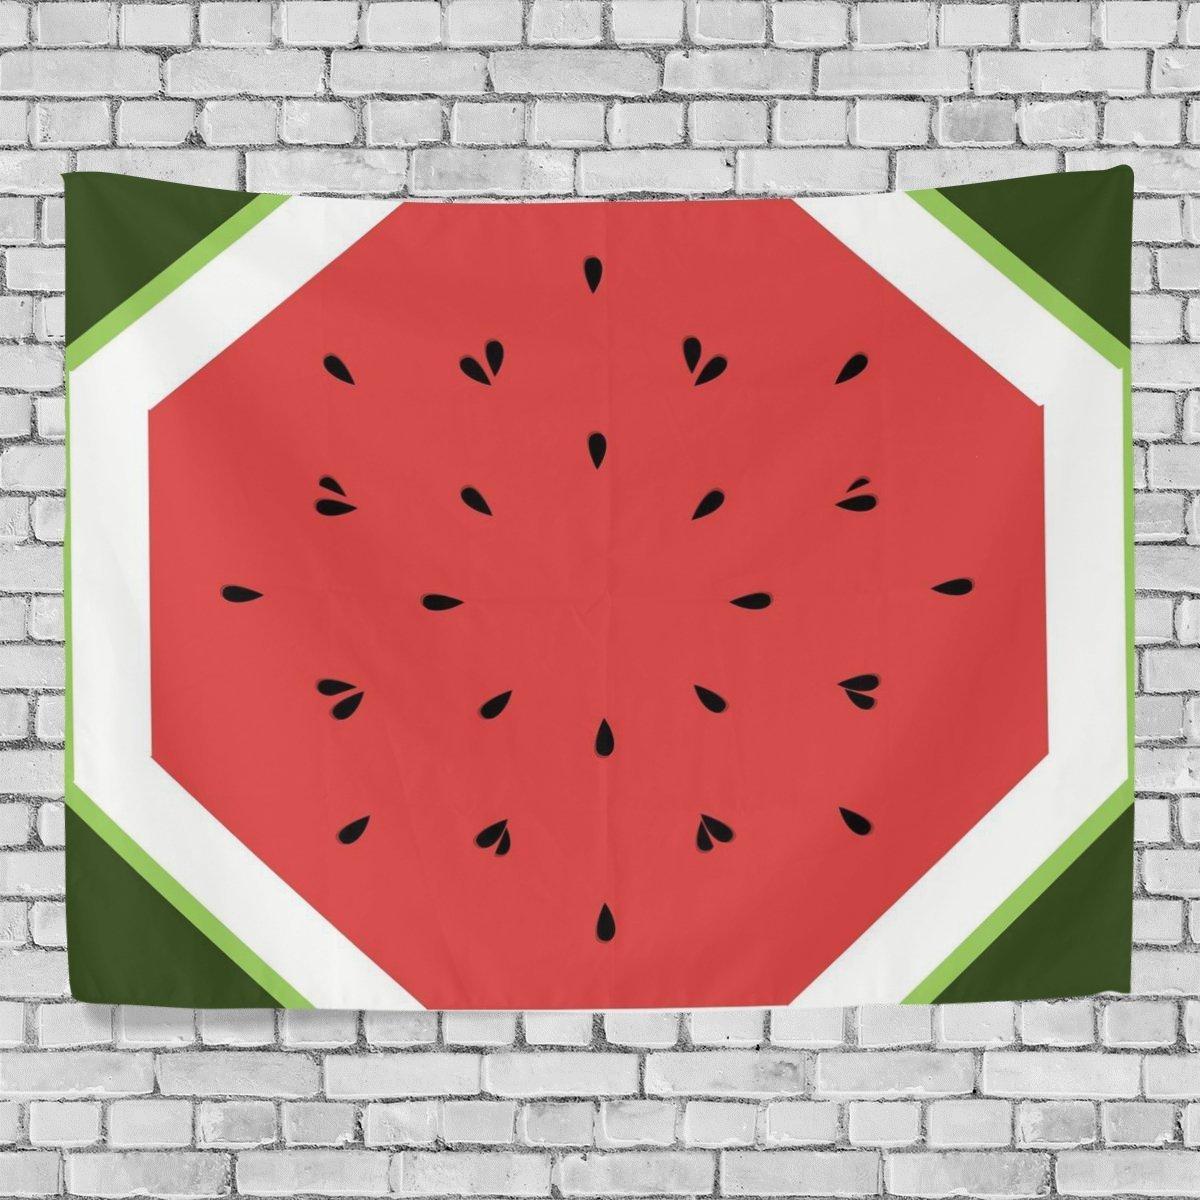 カスタムタペストリースイカタペストリー壁装飾リビングルーム、スローベッドスプレッド寮、タペストリー60 x 40インチ B01ND3Z56S